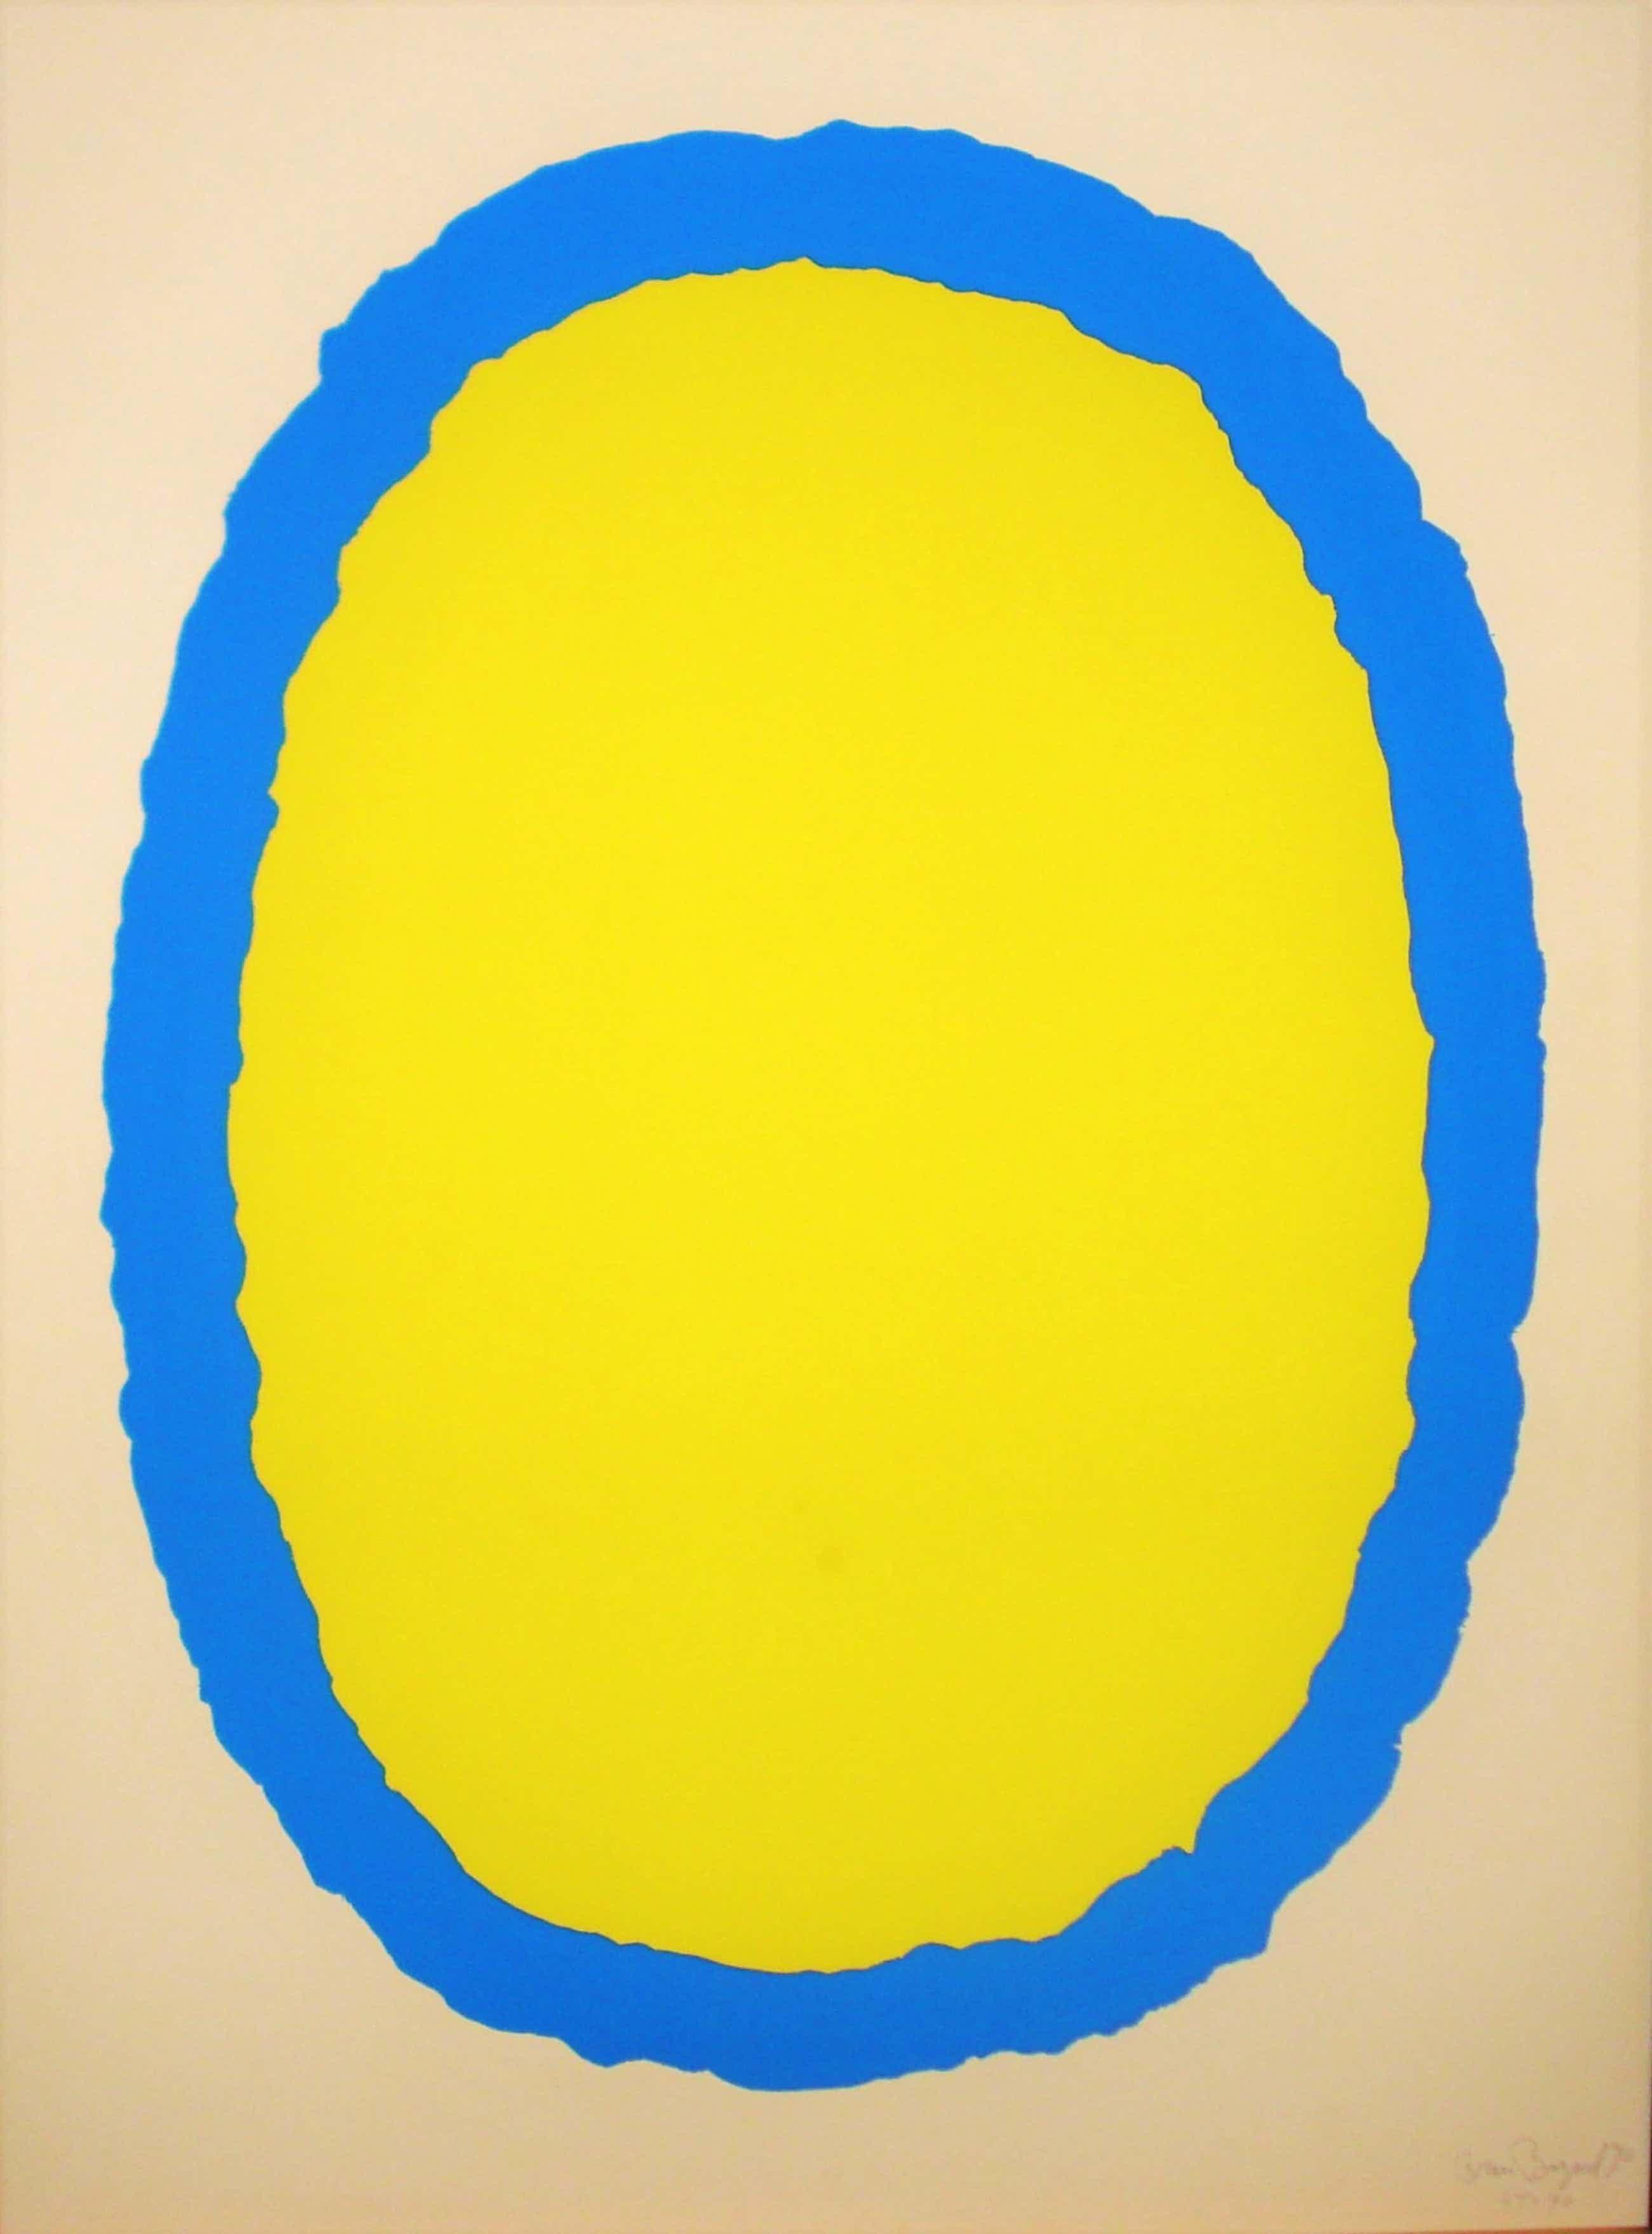 Bram Bogart - Litho in kleur geel/blauw kopen? Bied vanaf 320!